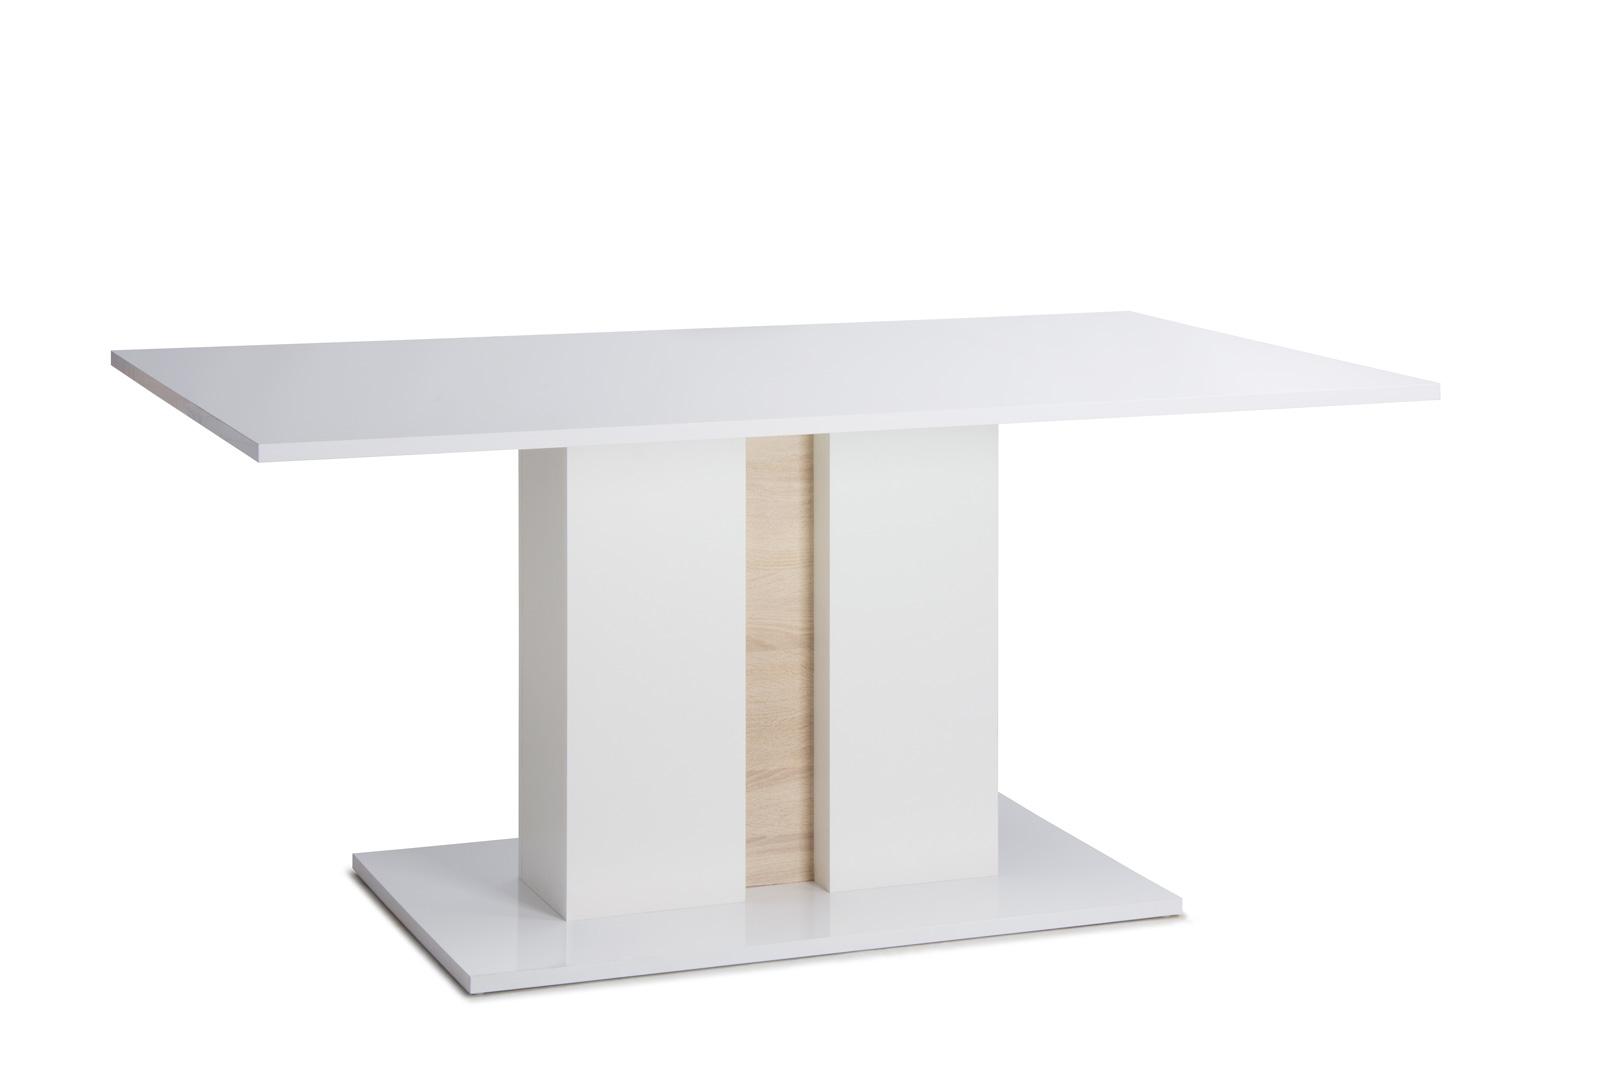 Sam esszimmertisch holz 160 x 90 cm glossy 1 for Esszimmertisch holz